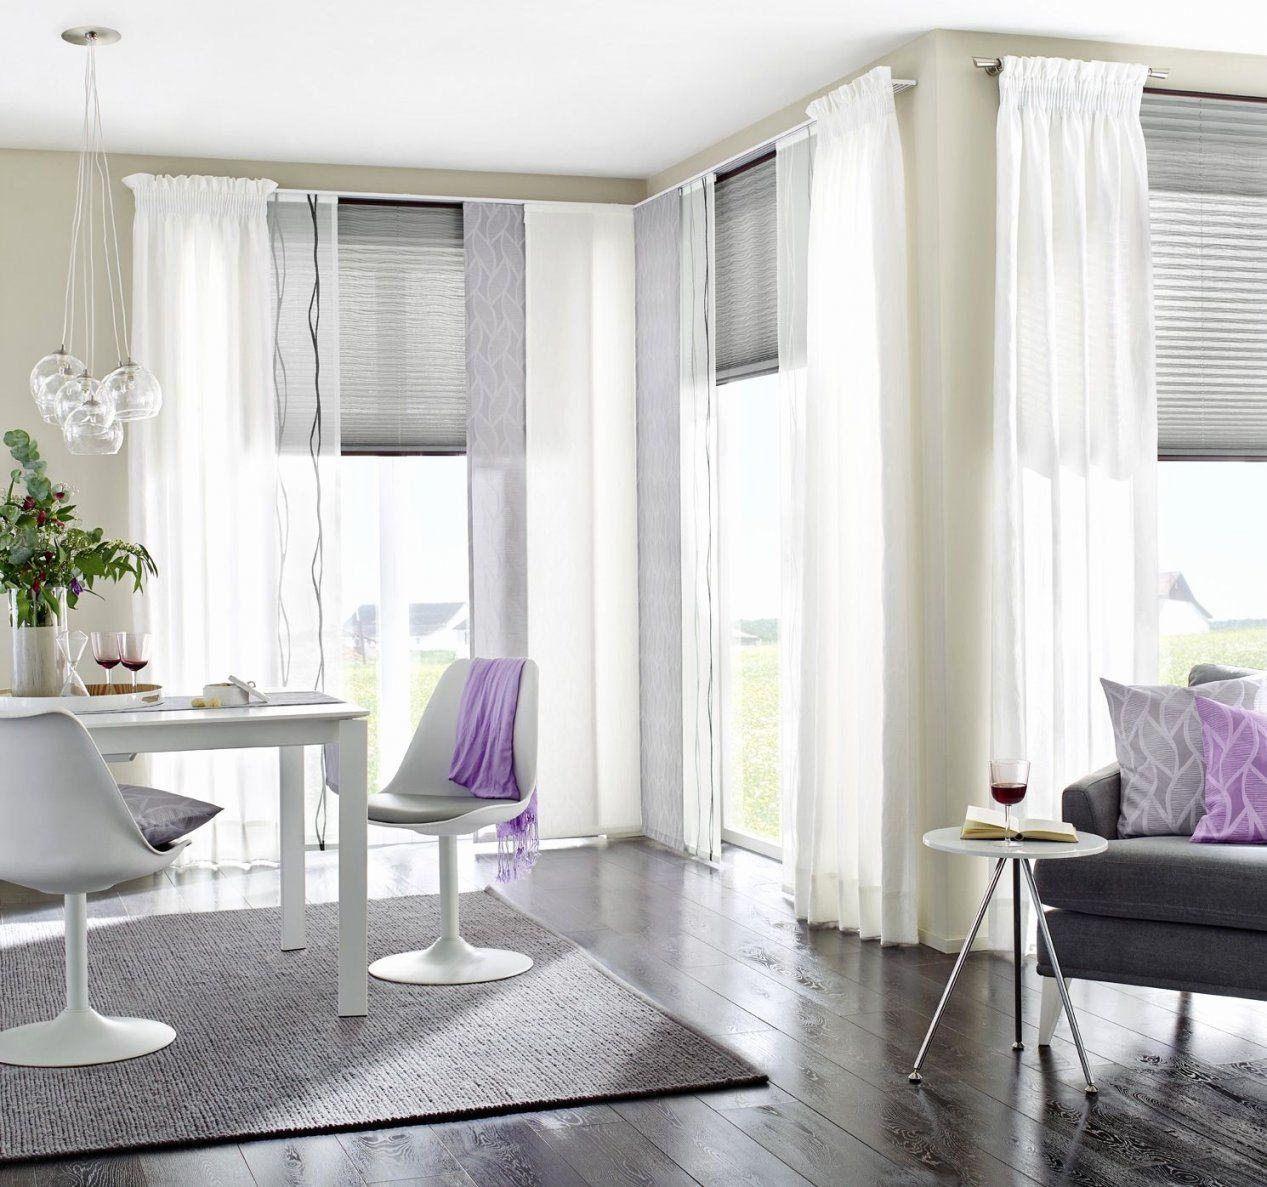 30 Schön Lager Von Fenstergestaltung Mit Gardinen Beispiele von Fenstergestaltung Mit Gardinen Beispiele Bild